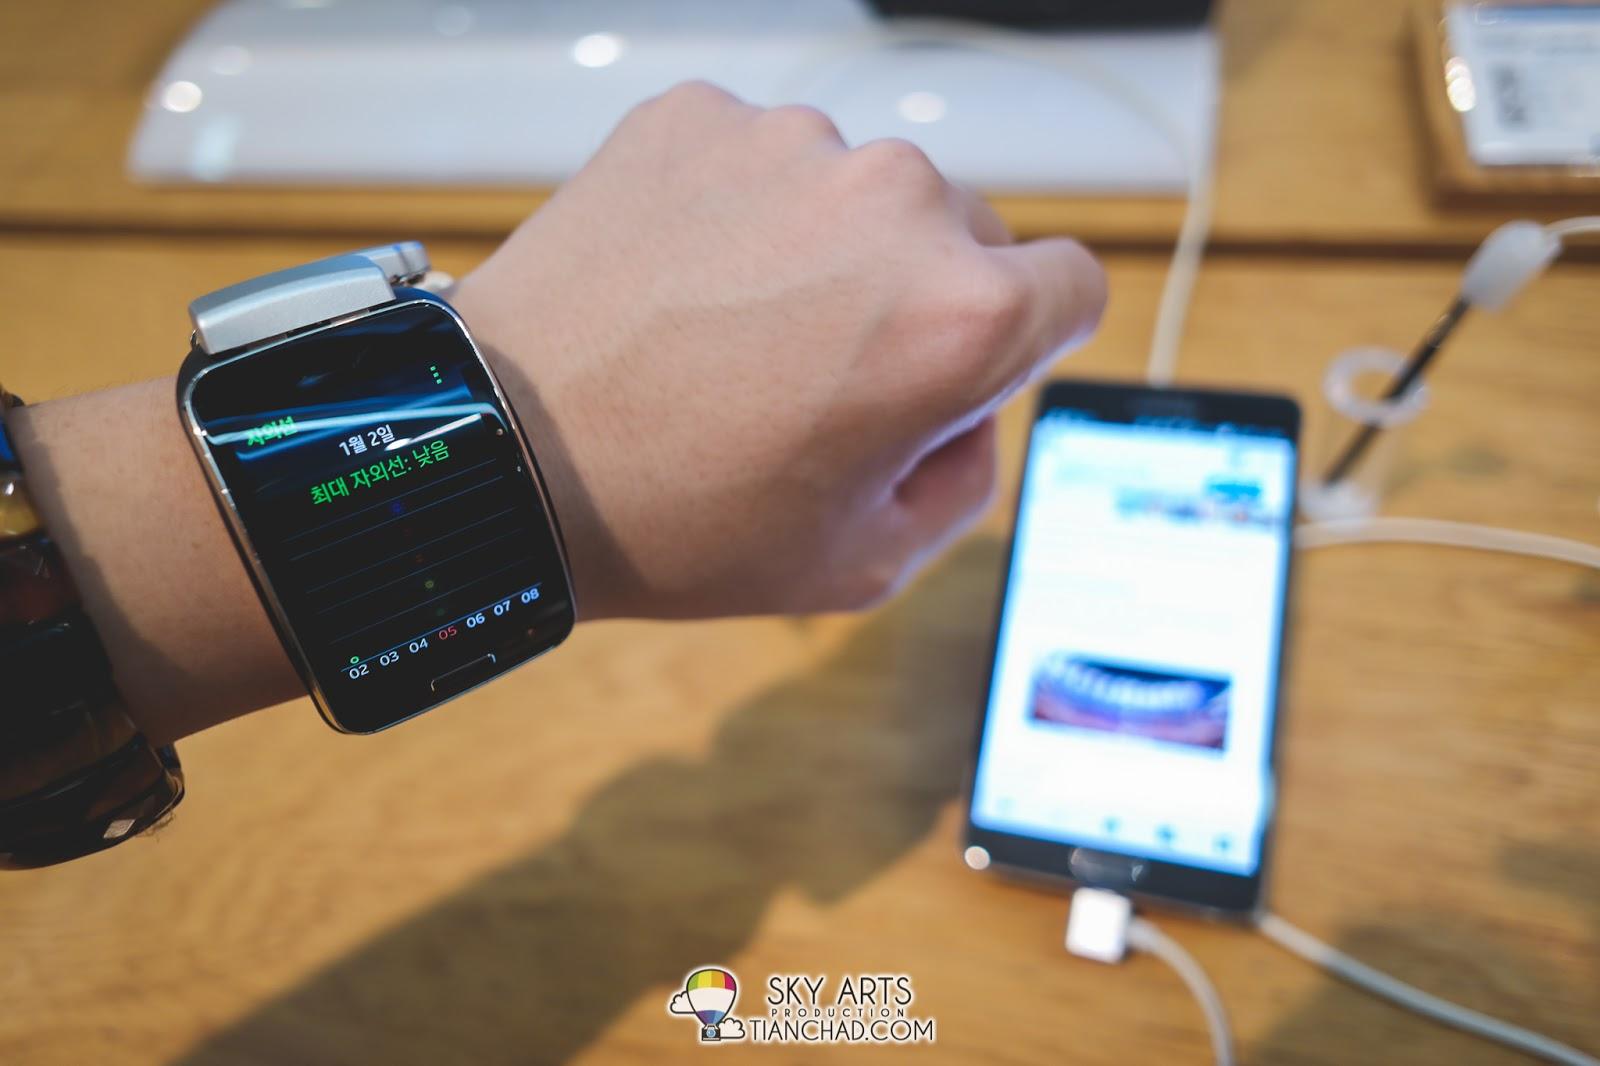 Samsung GALAXY Gear S @ Samsung d'light